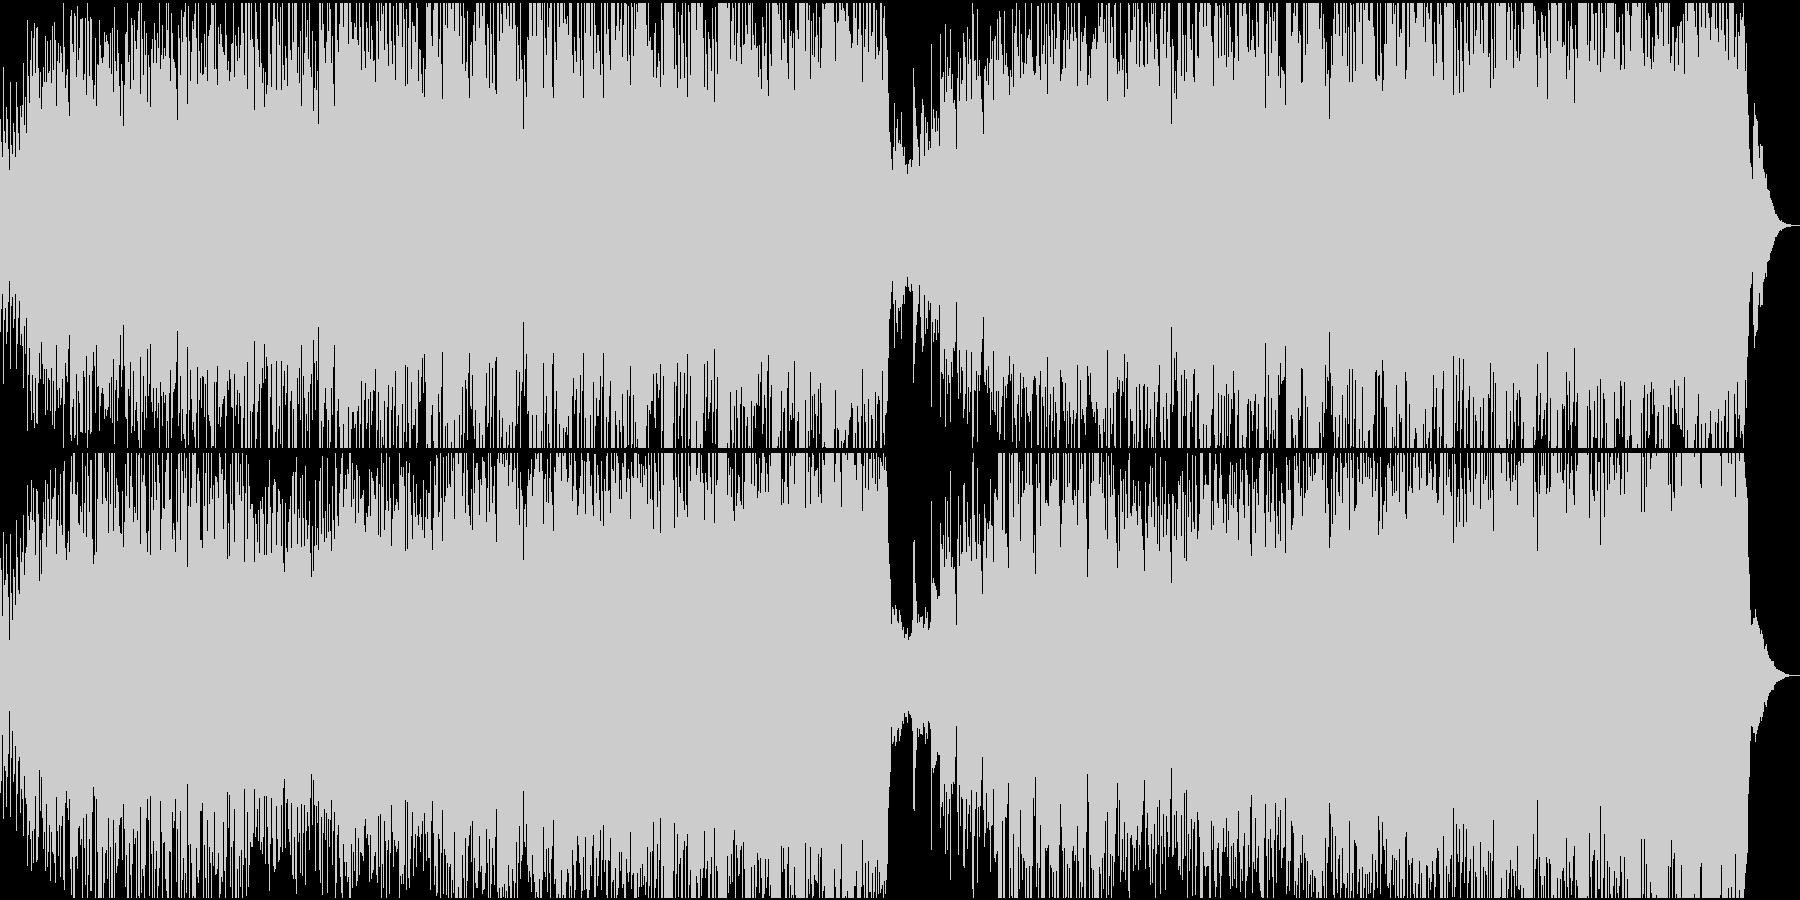 美しいメロディーのピアノハウスの未再生の波形